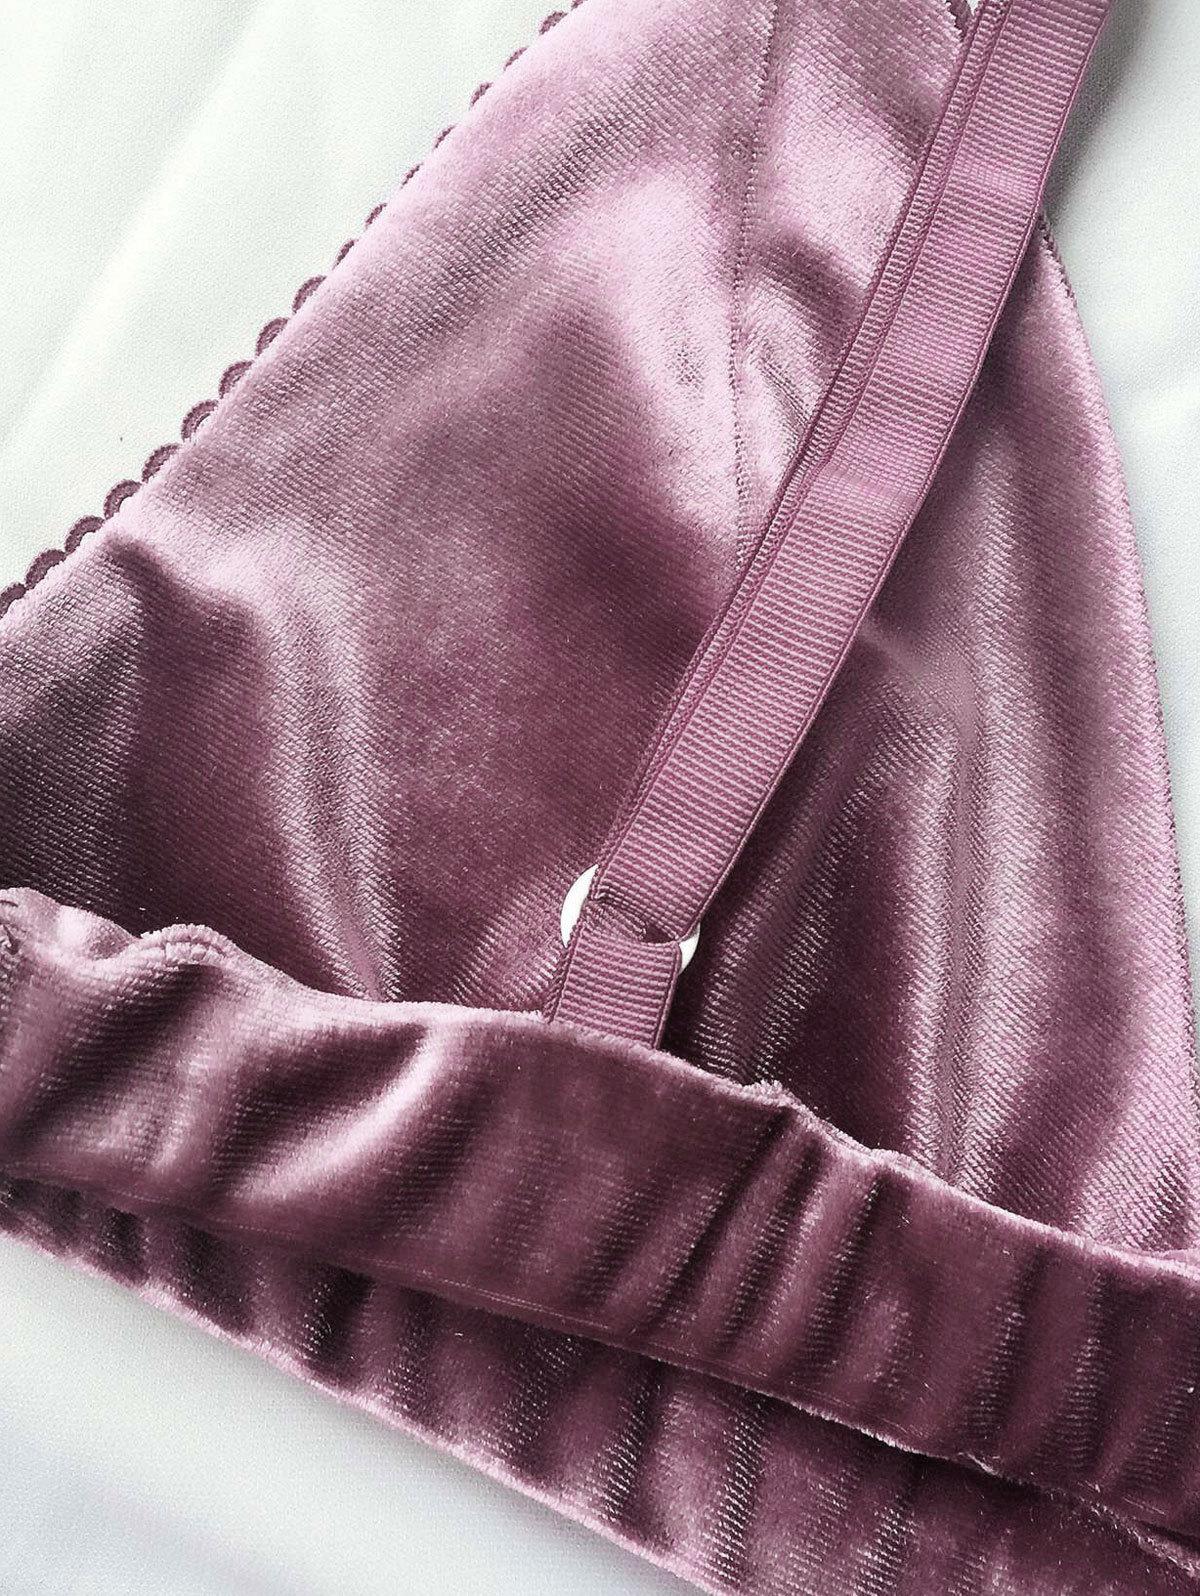 Kenancy Moda Mujer Sujetador de Terciopelo Ropa Interior Correas Bralette Bragas Sujetador de Ajuste Suave Conjuntos de Cintura Alta Push Up Bra Set C18111601